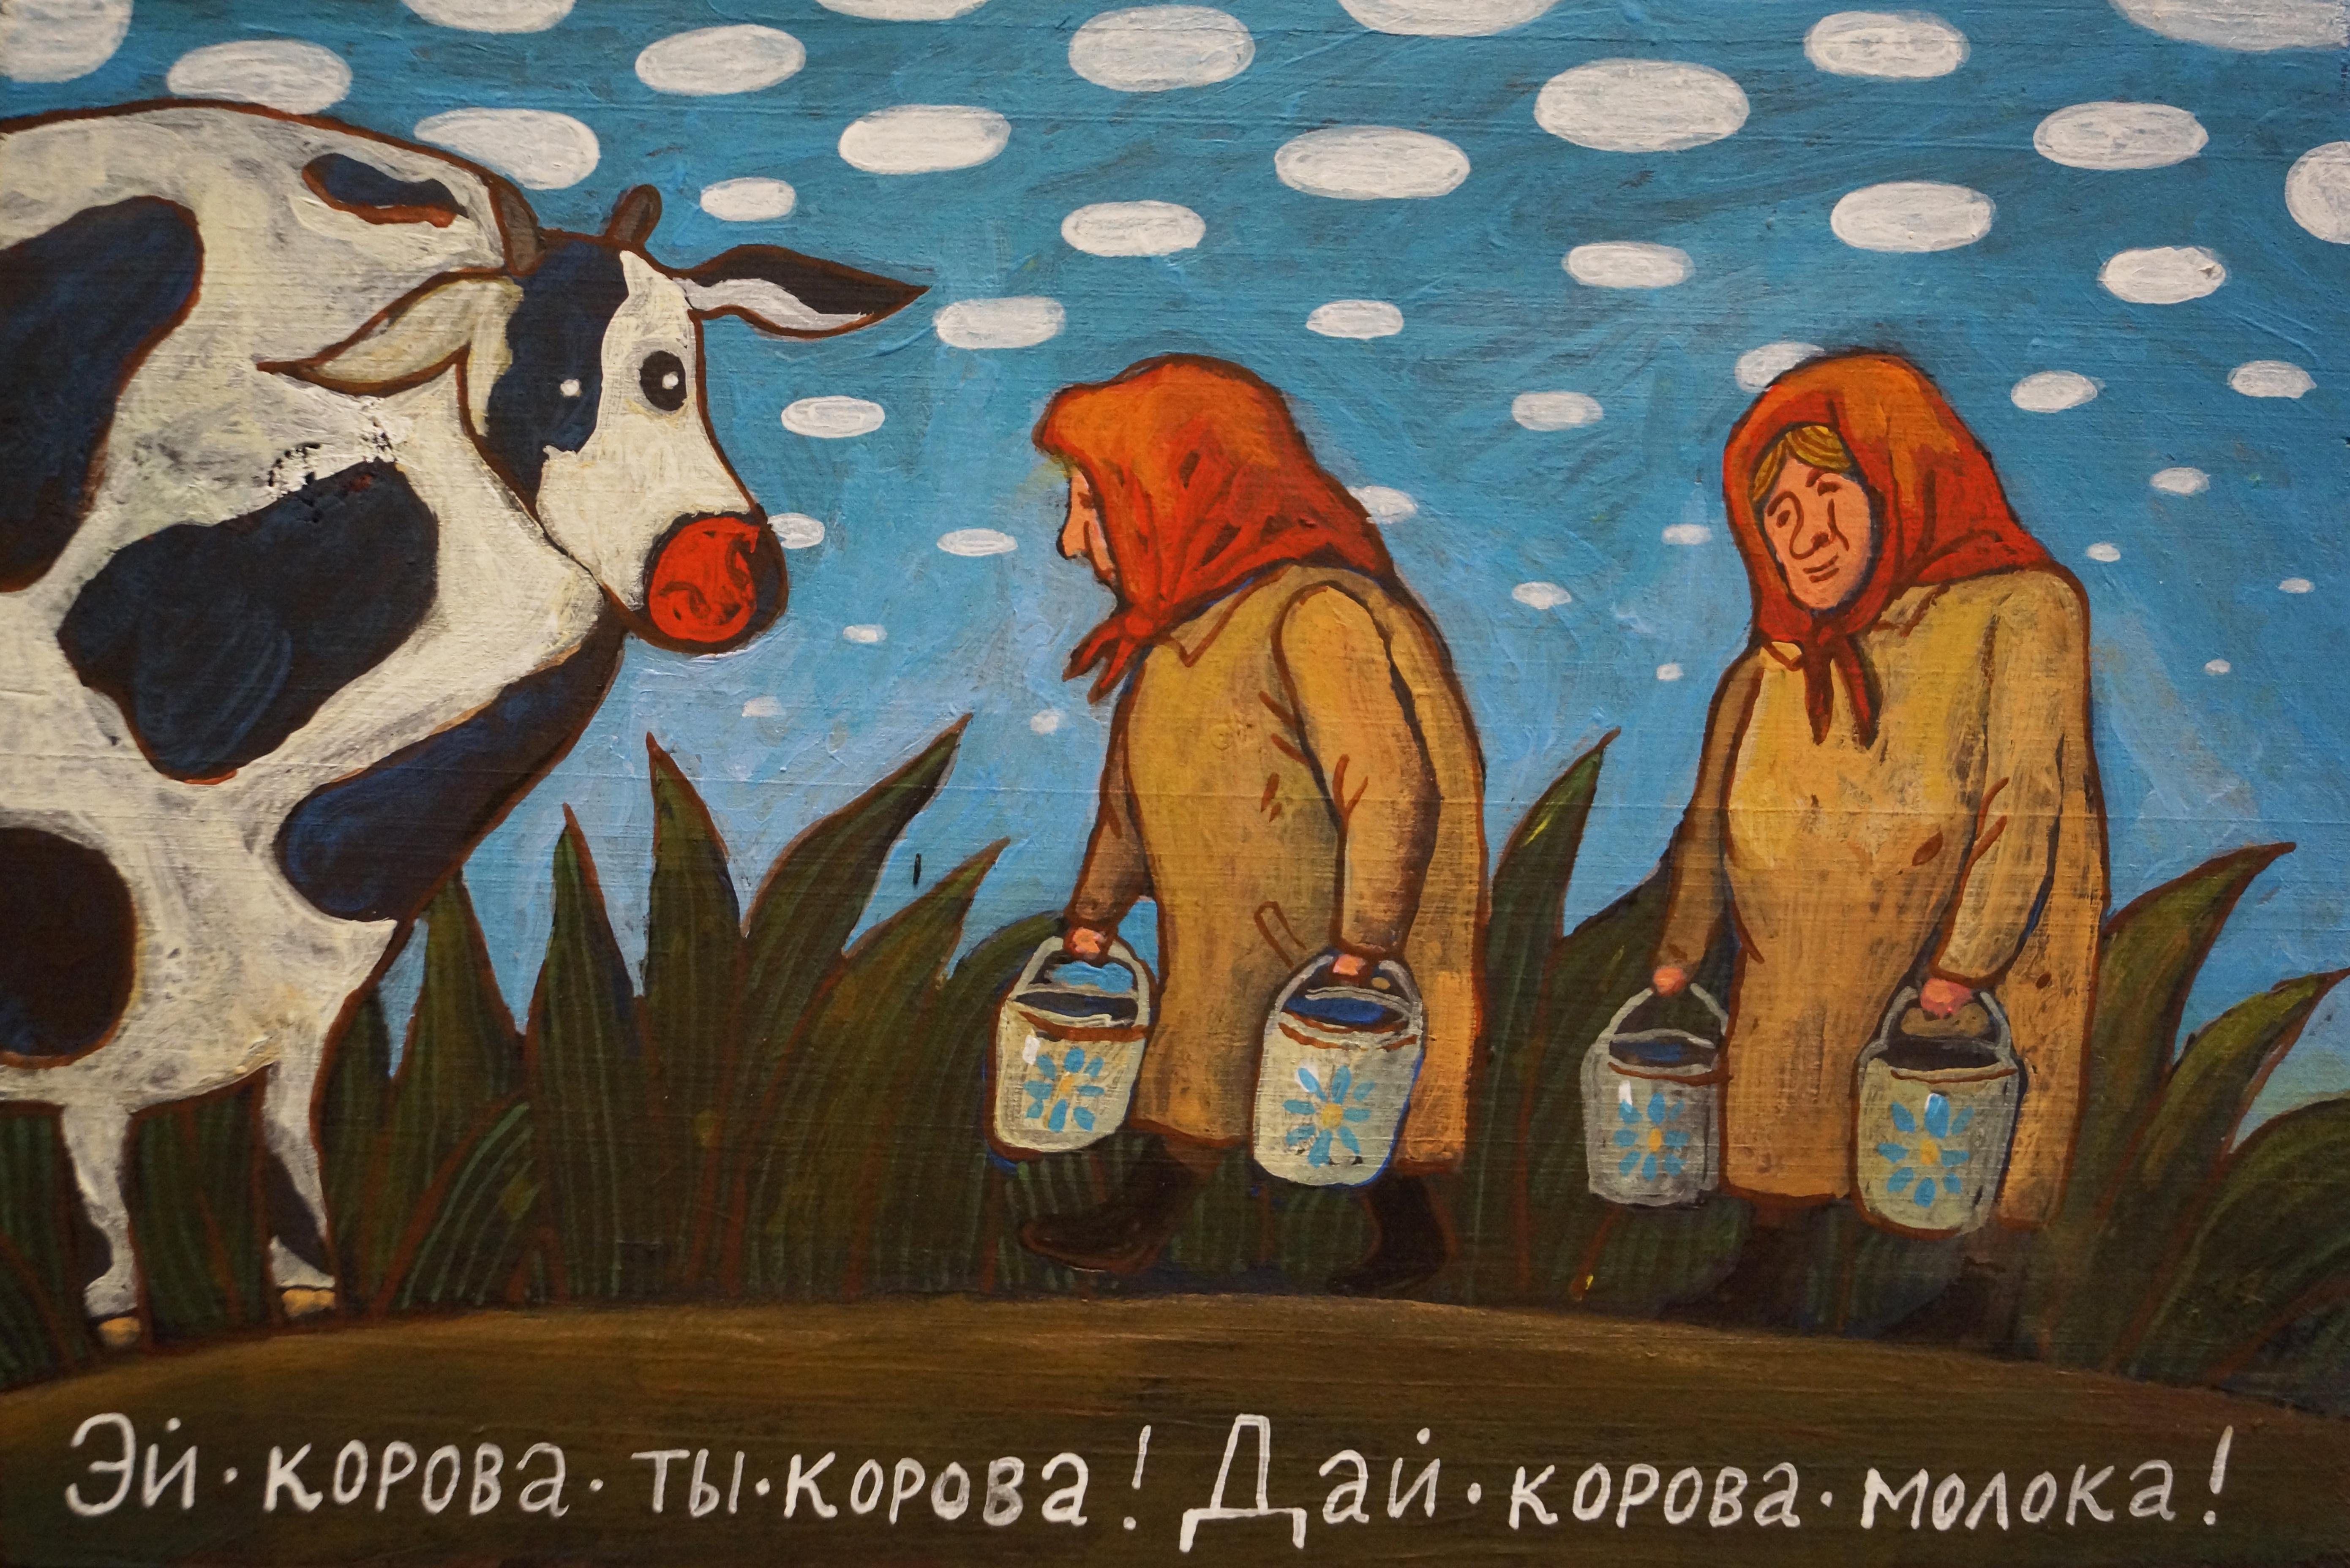 Эй, корова, ты корова!